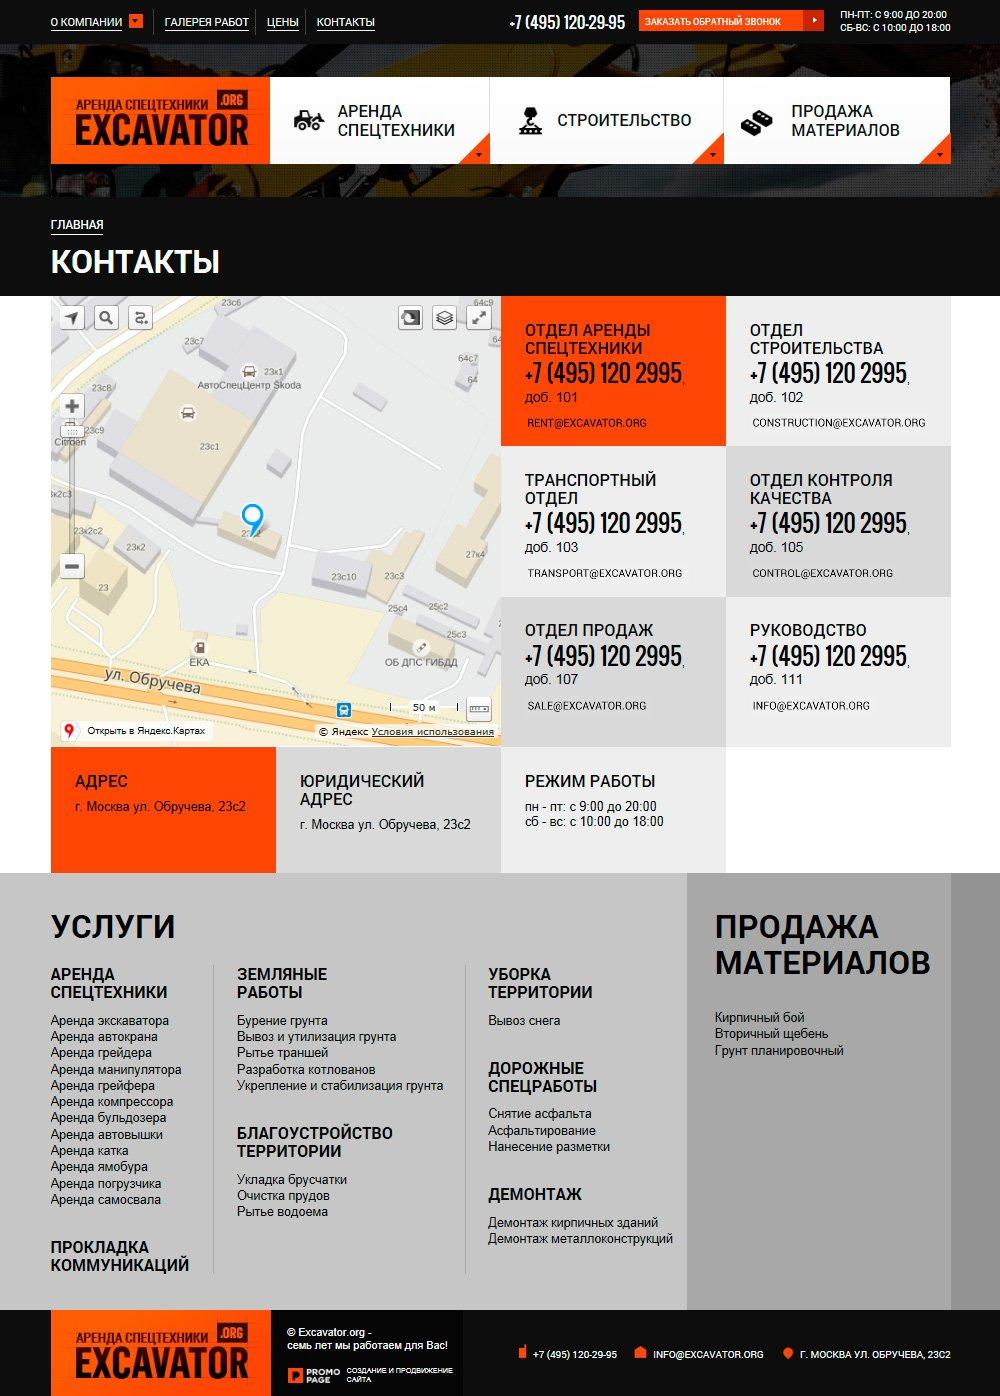 Страница с контактами на сайте строительной компании Excavator.org